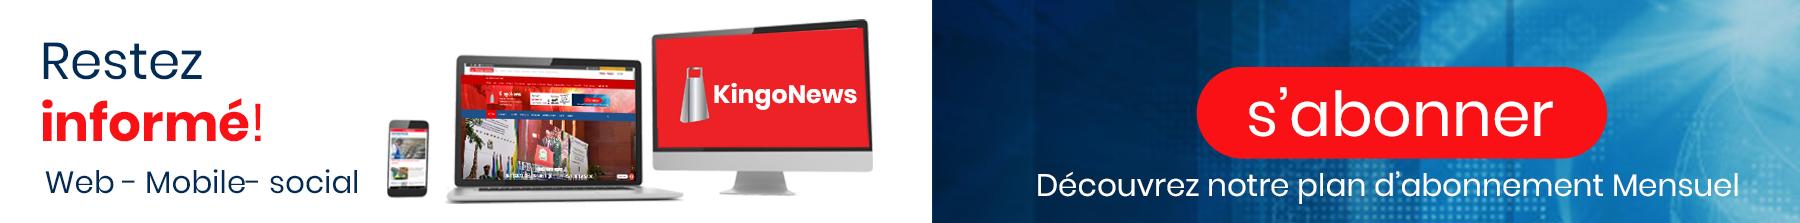 actualités, informations, politique, économie, société, élections, sports